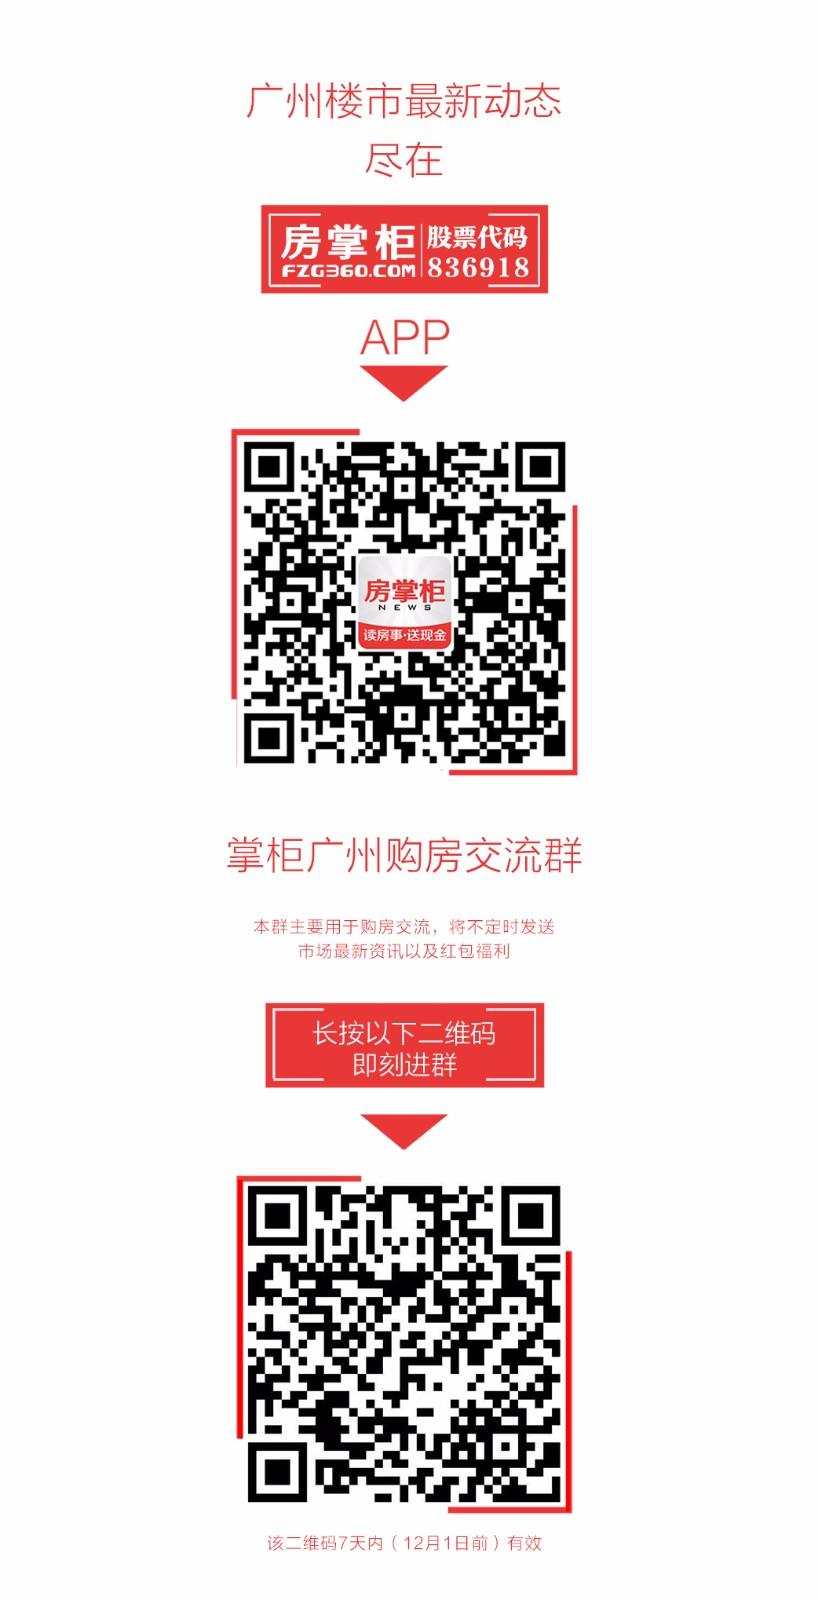 大尺寸购房群+app二维码模板.jpg